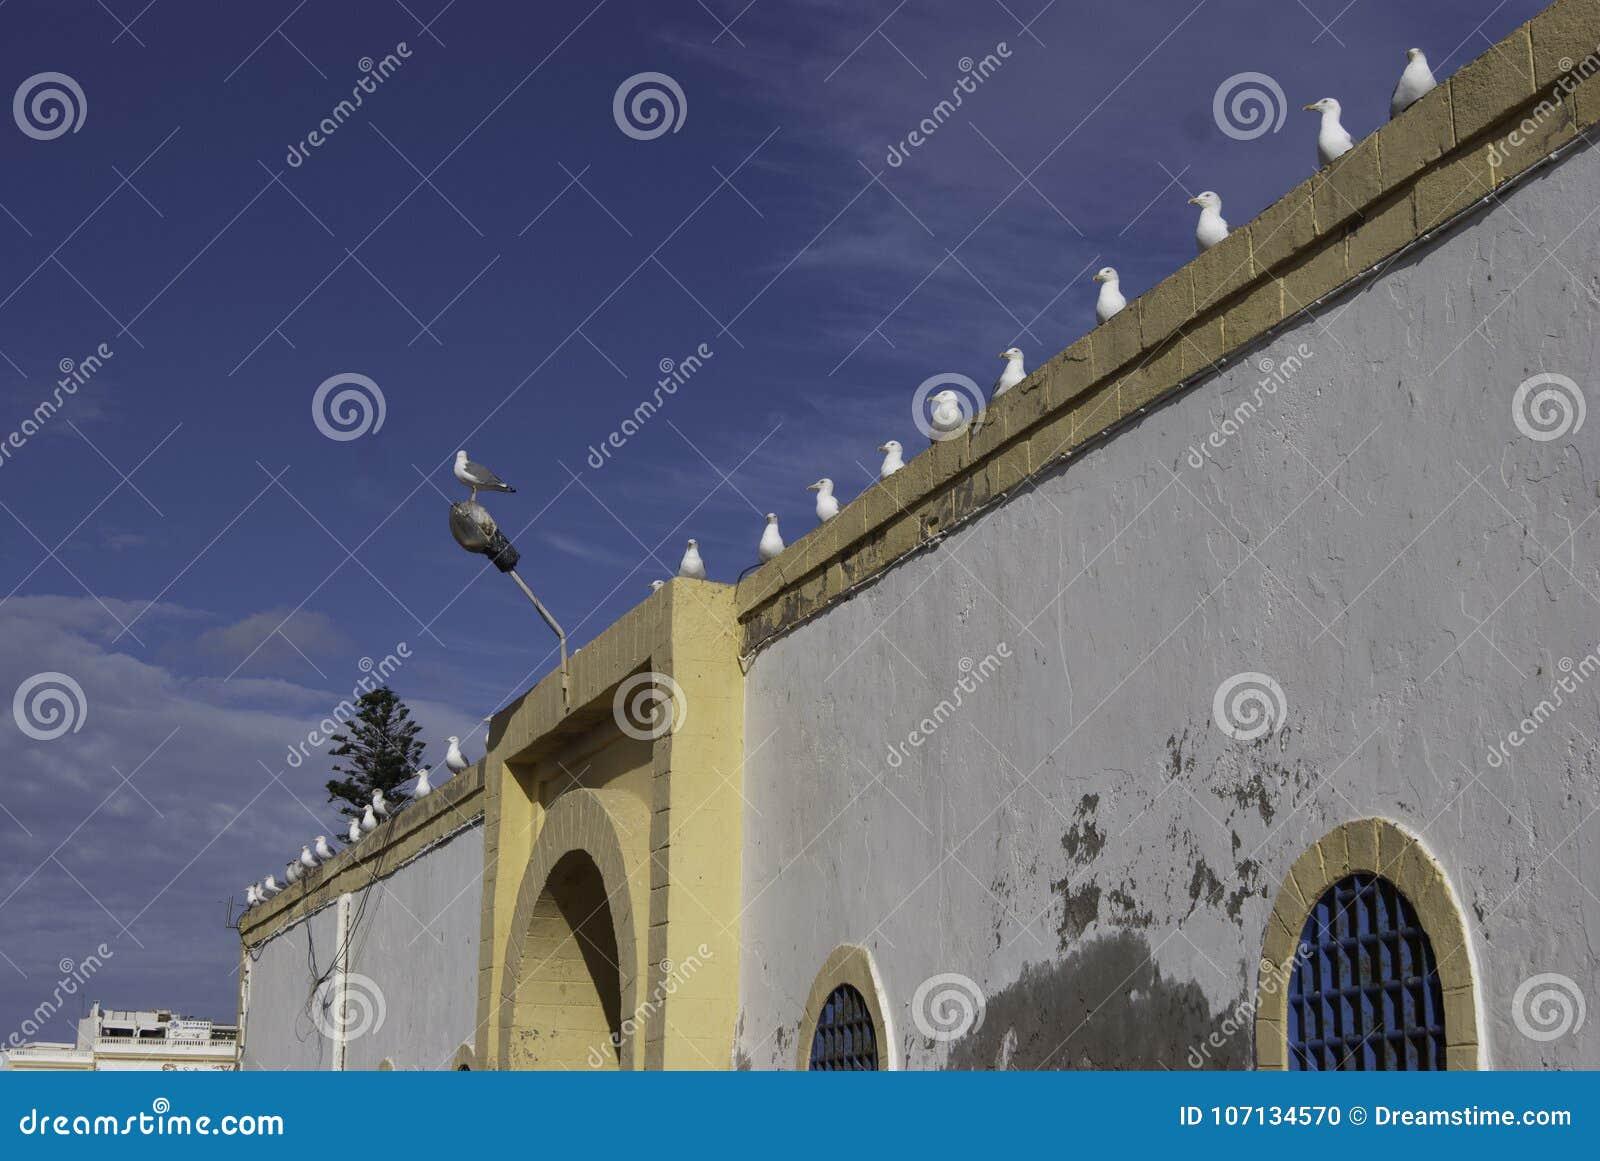 Ptaki na ścianie z rzędu